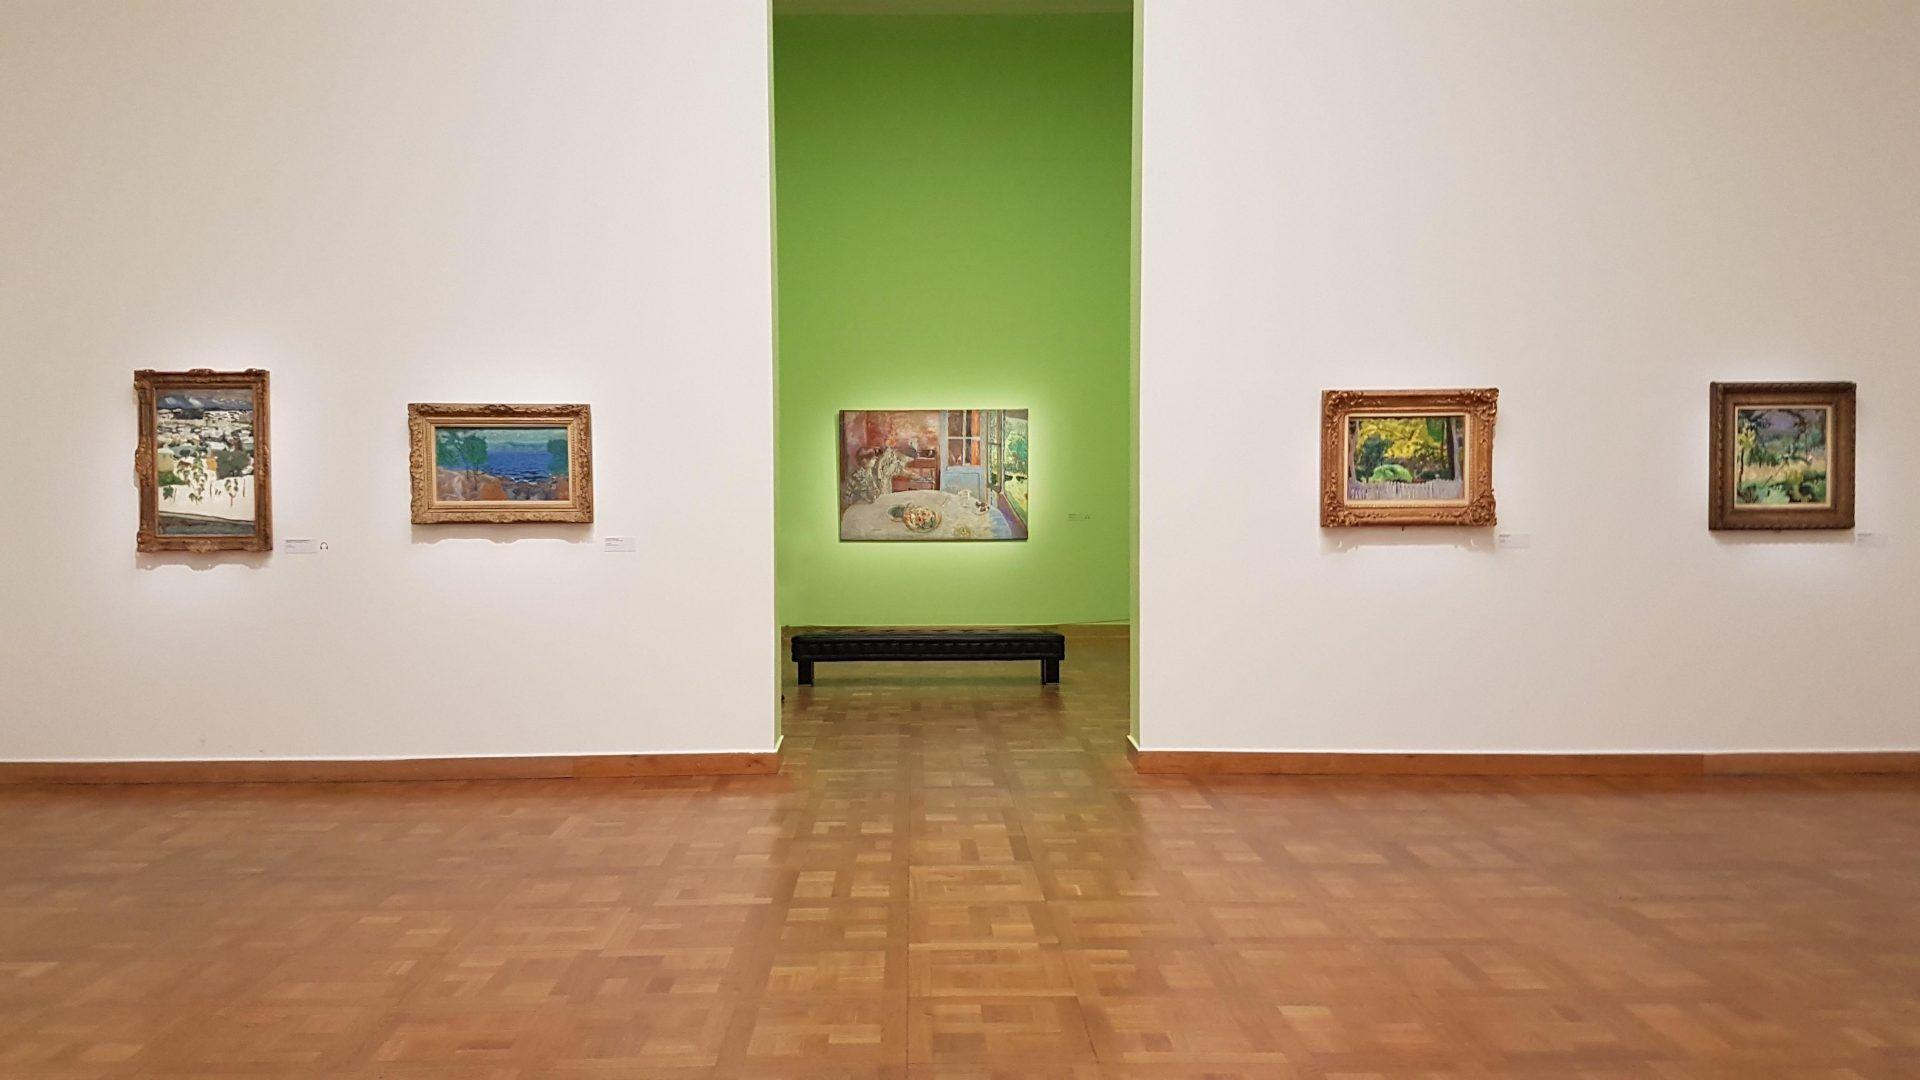 Вид экспозиции выставки Пьера Боннара в Кунстфоруме Форума Австрия. Фото Юлии Абрамовой, 2019